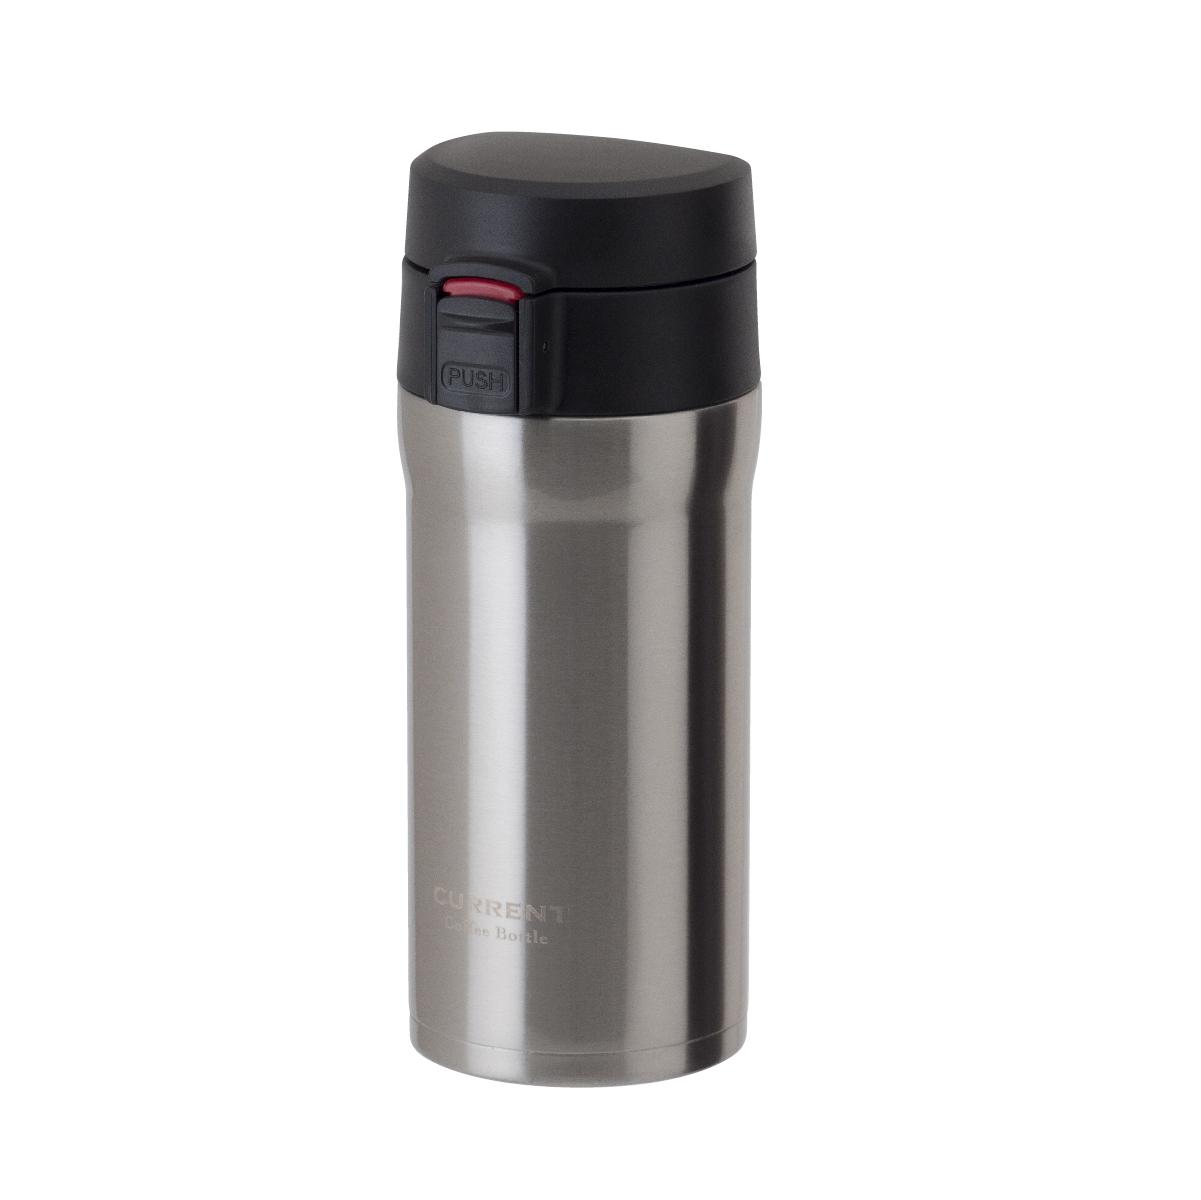 CURRENT コーヒーワンタッチボトル 350ml シルバー